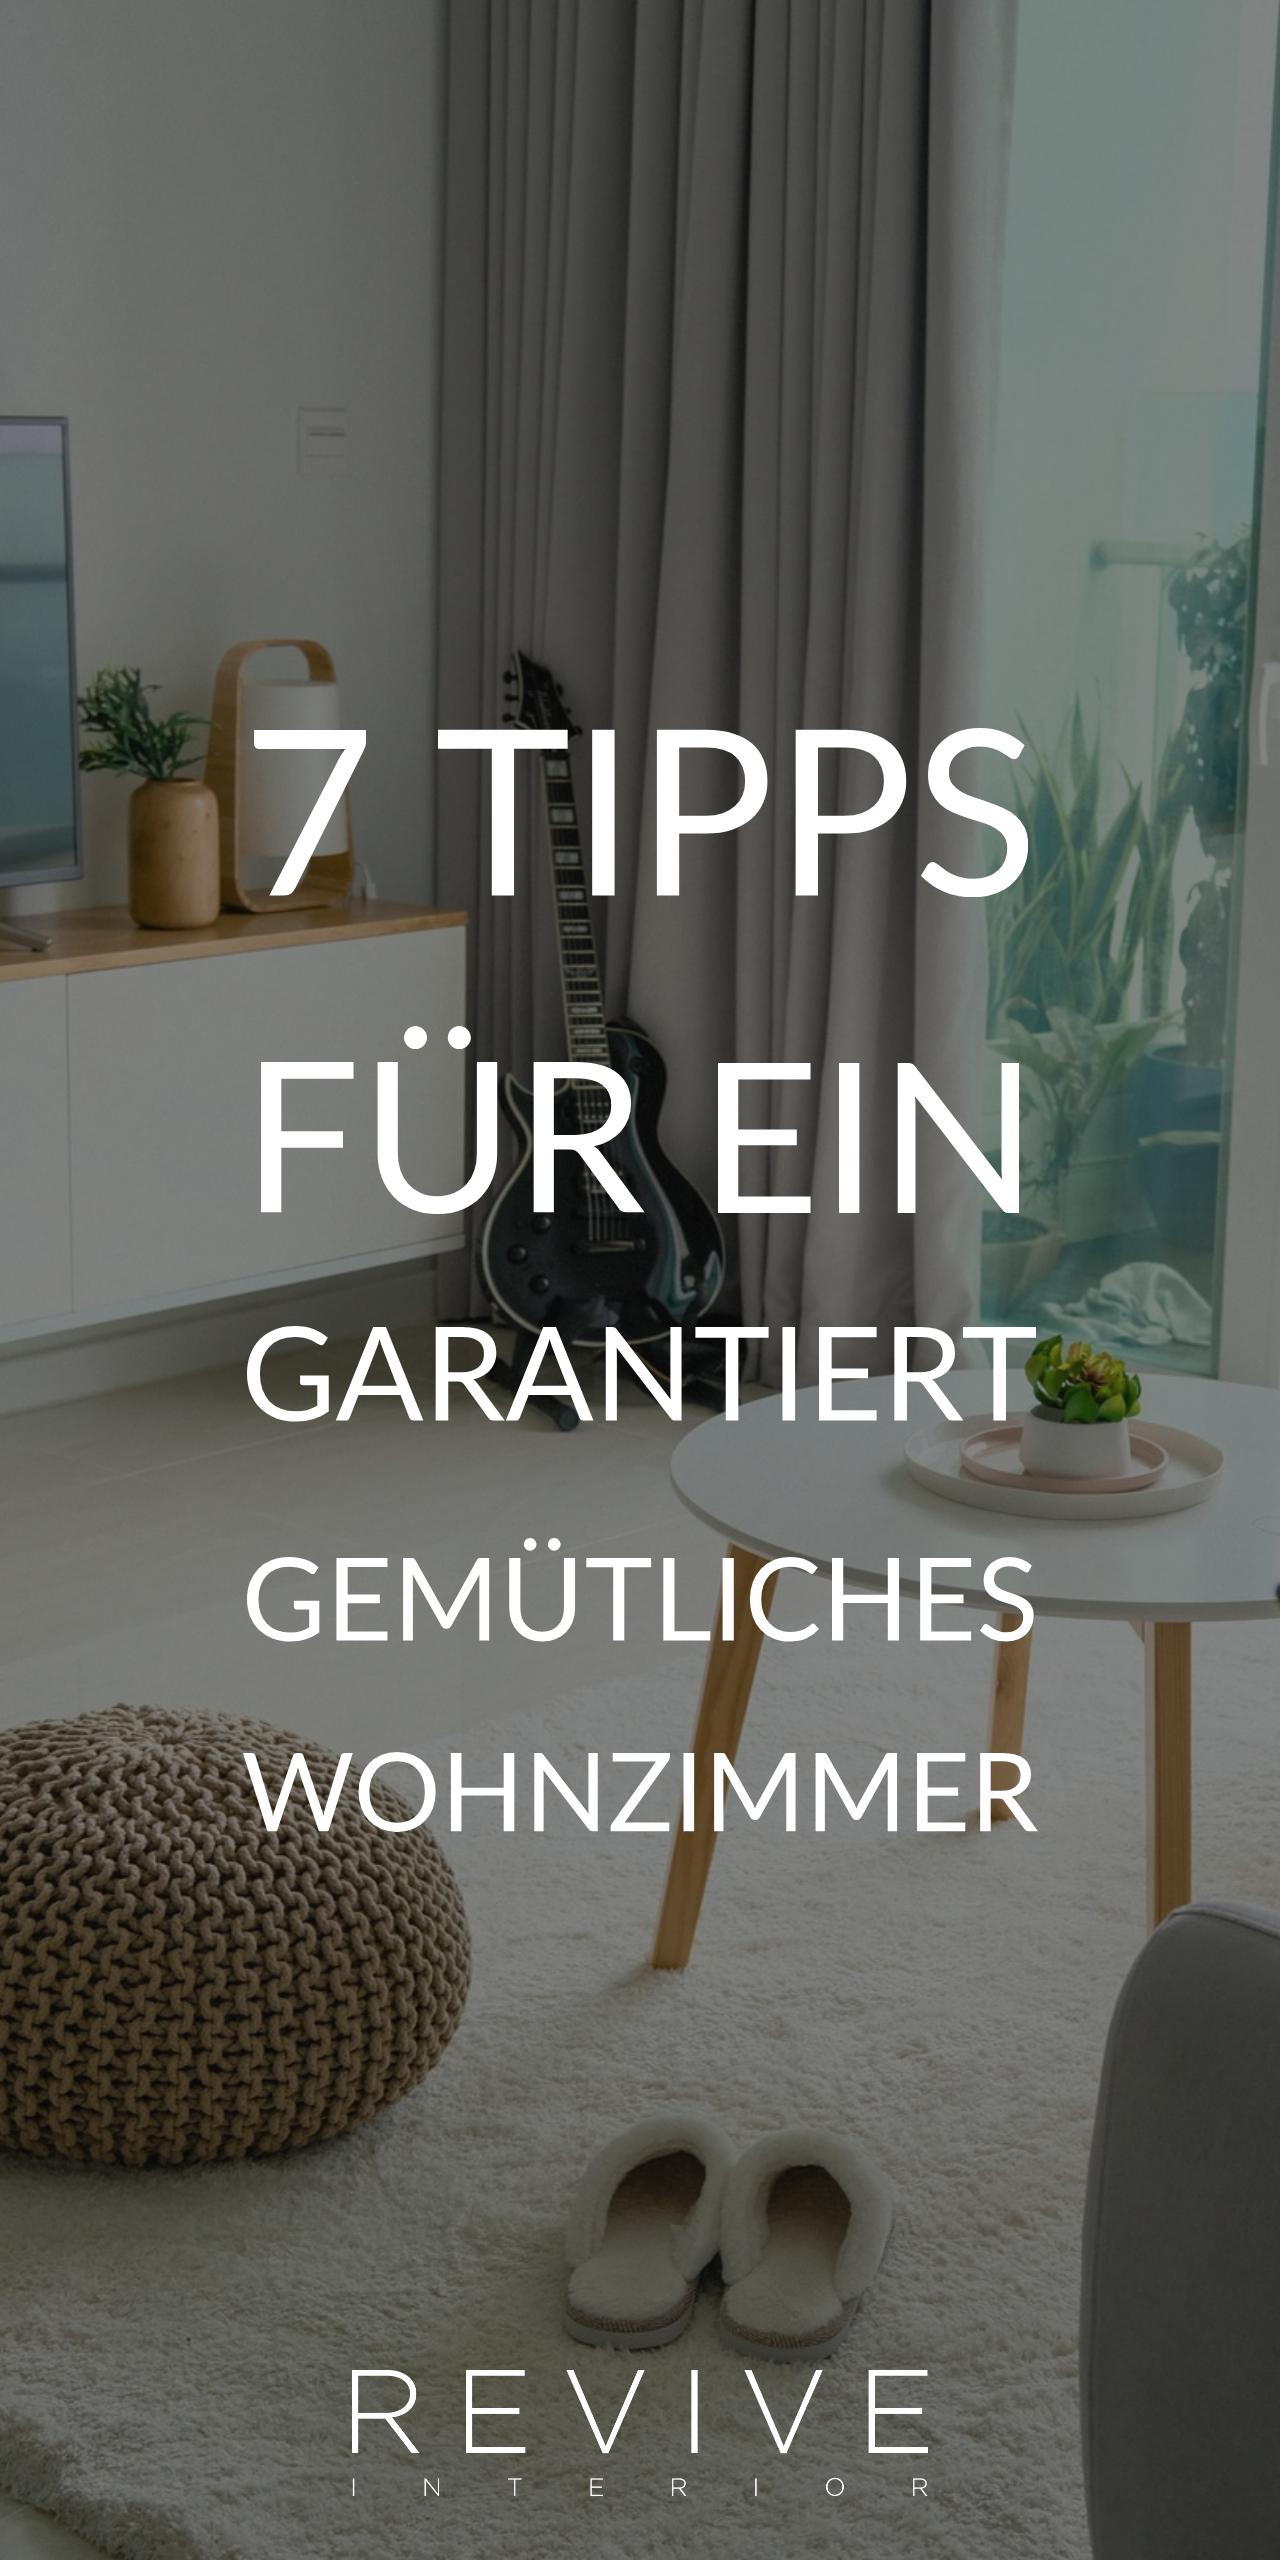 Wohnzimmer einrichten: Ideen zum Gestalten und Wohlfühlen 7 ...